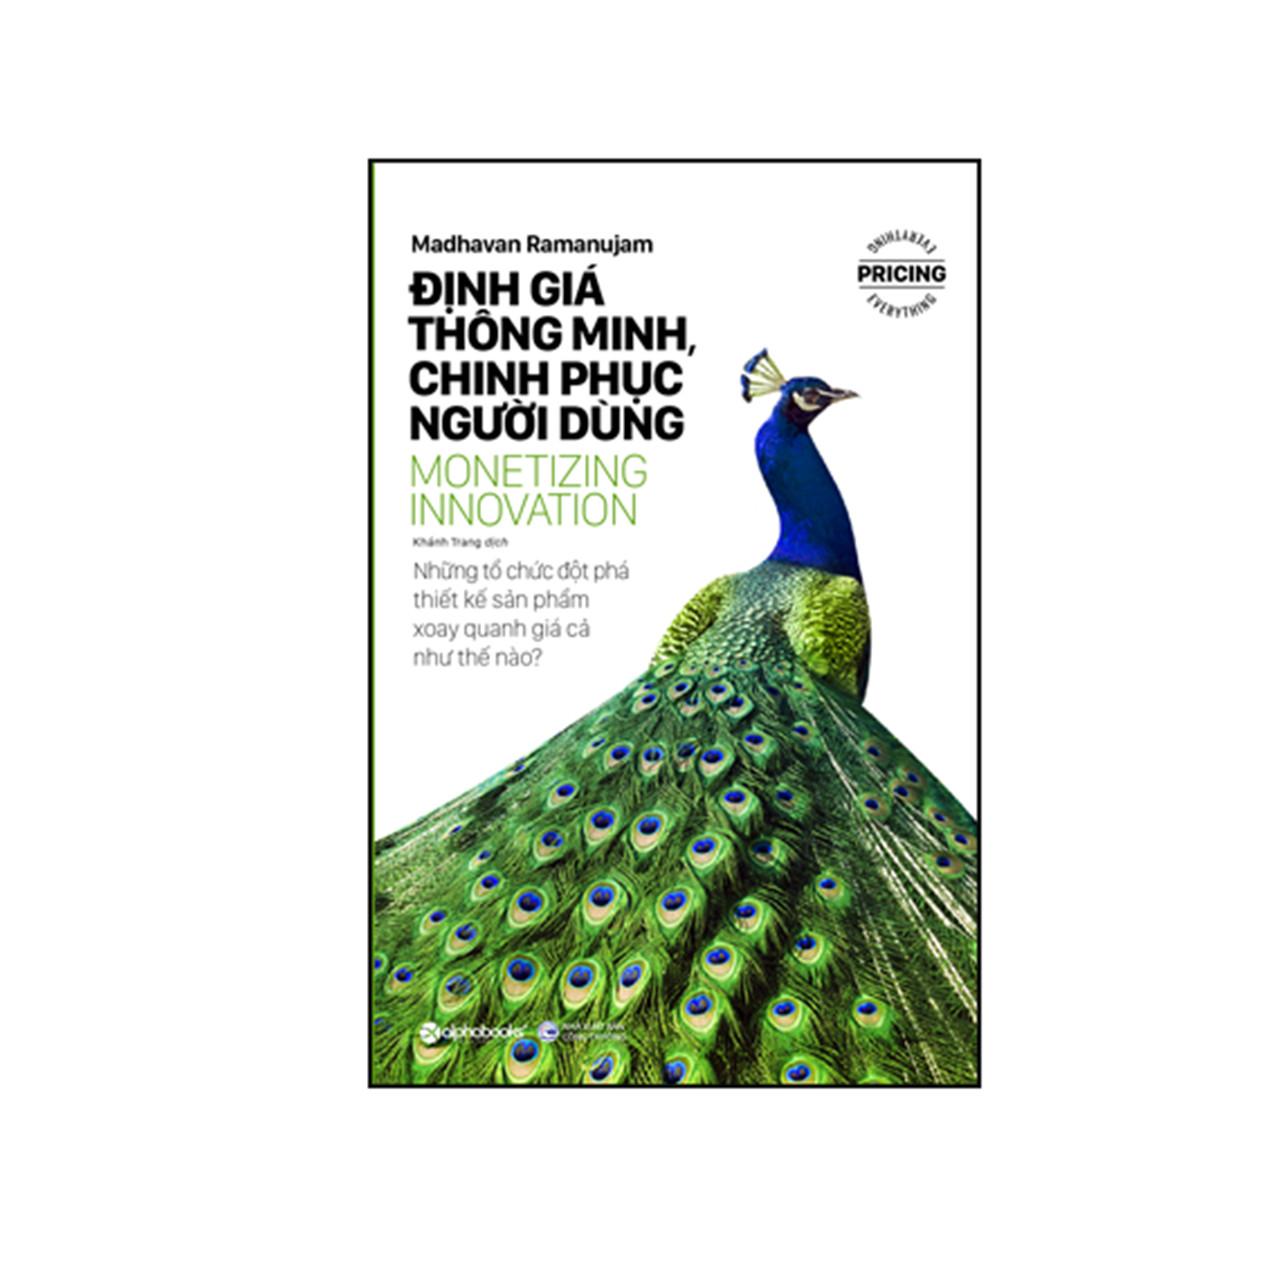 Combo 3 Cuốn Sách Đặc Biệt Về Định Giá: Định Giá Thông Minh, Chinh Phục Người Dùng+ Chiến Lược Định Giá Đột Phá Thị Trường + Lời Tự Thú Của Một Bậc Thầy Định Giá